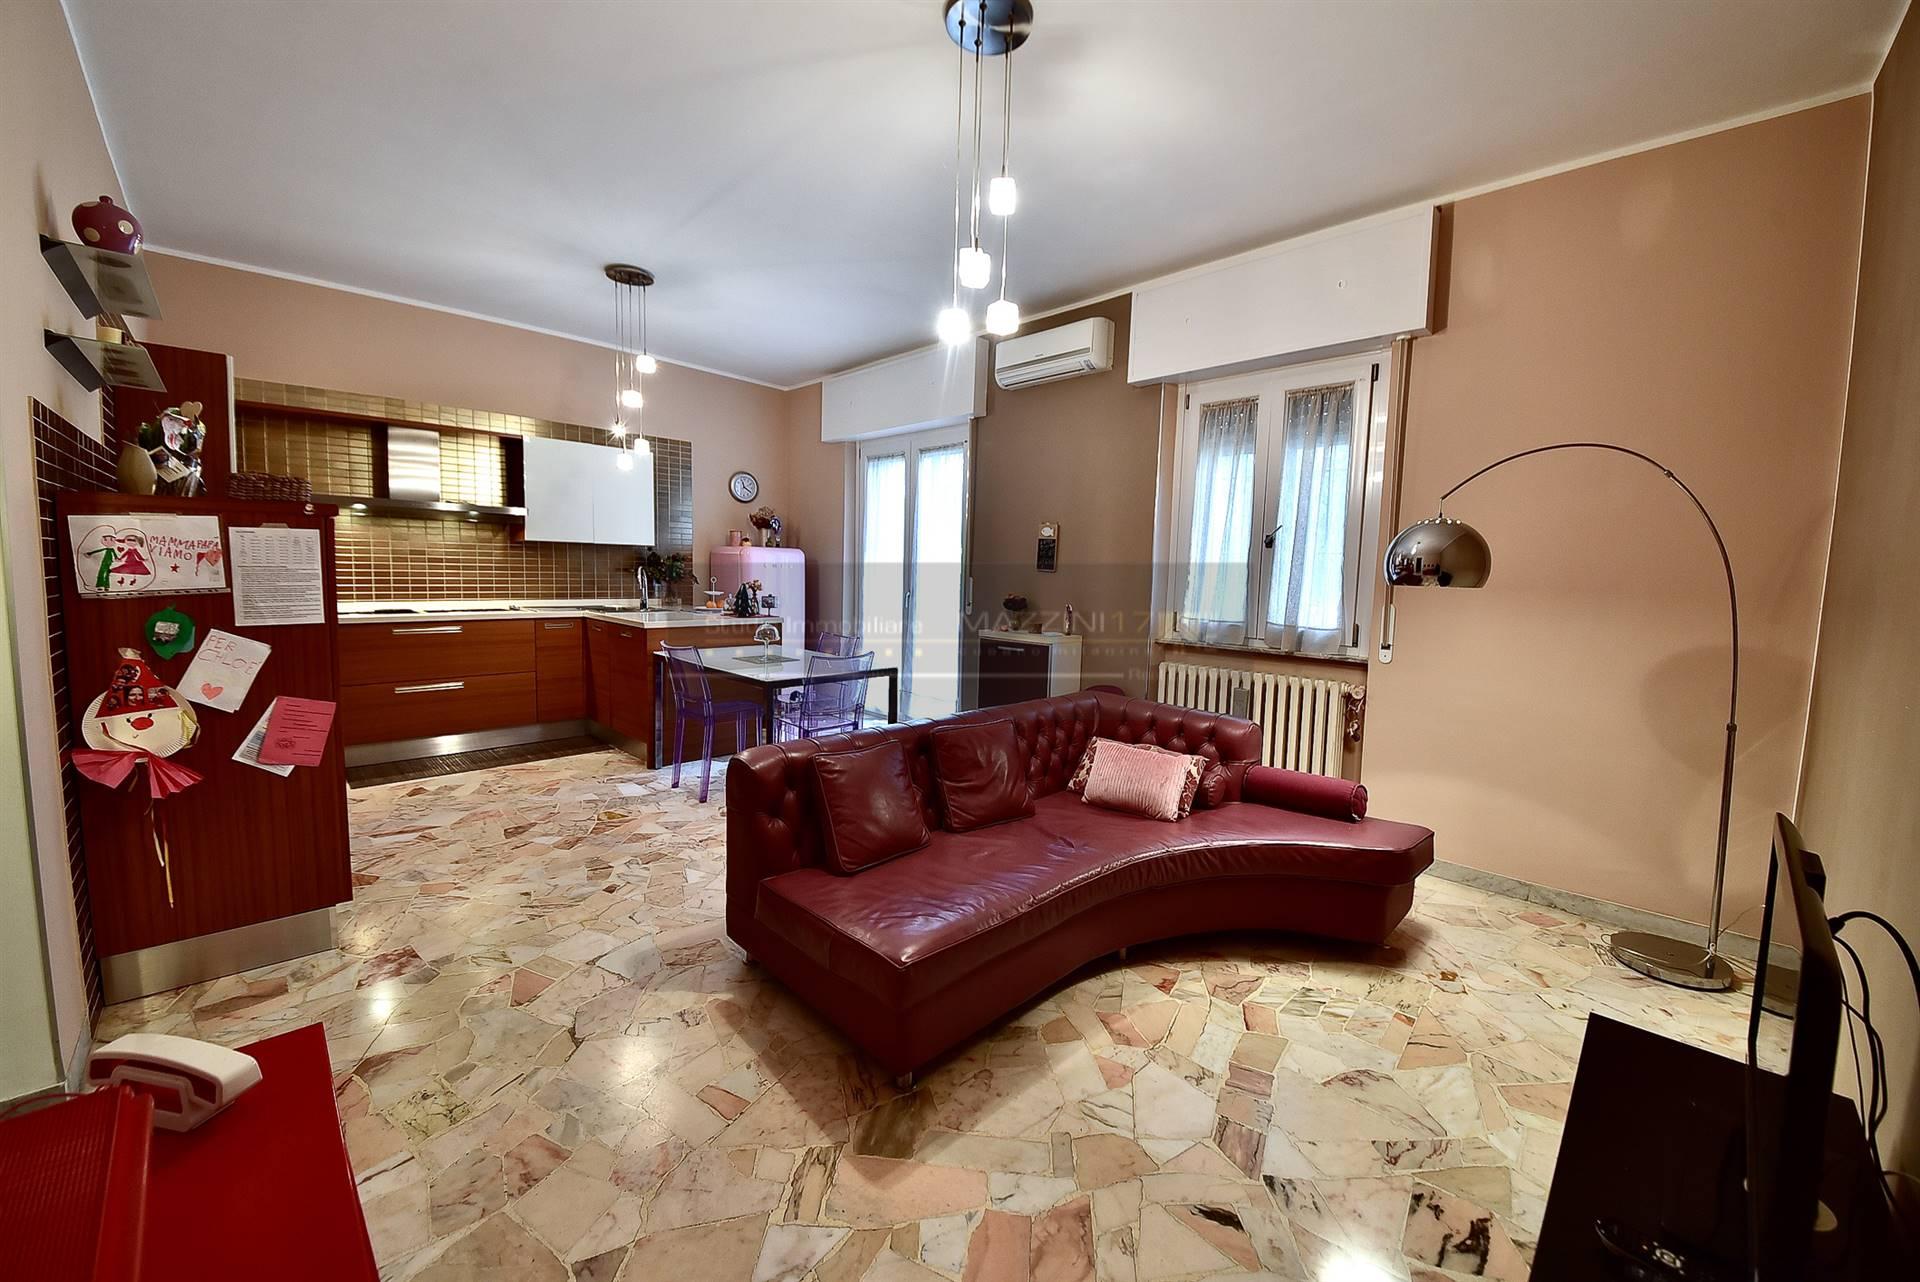 Appartamento in vendita a Cusano Milanino, 3 locali, zona Zona: Città Giardino di Milanino, prezzo € 230.000 | CambioCasa.it